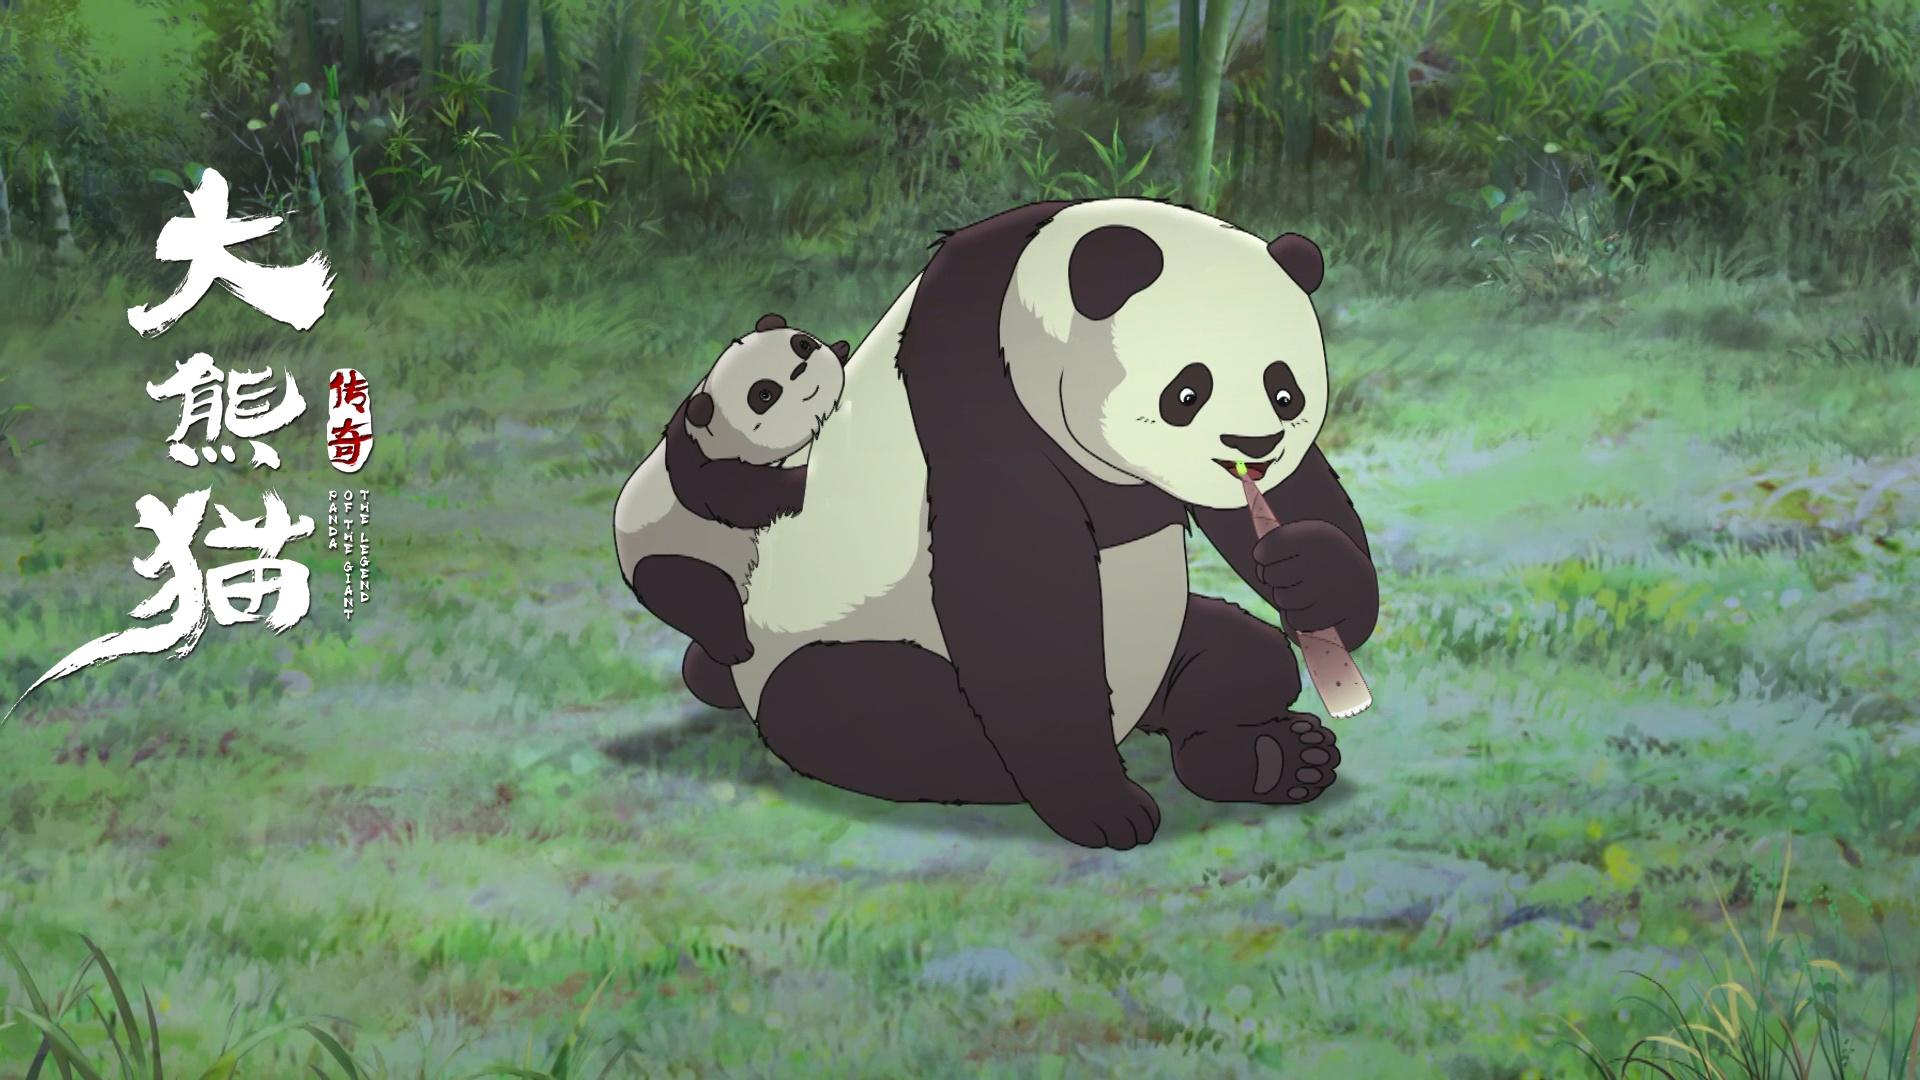 壁纸 大熊猫 动物 1920_1080